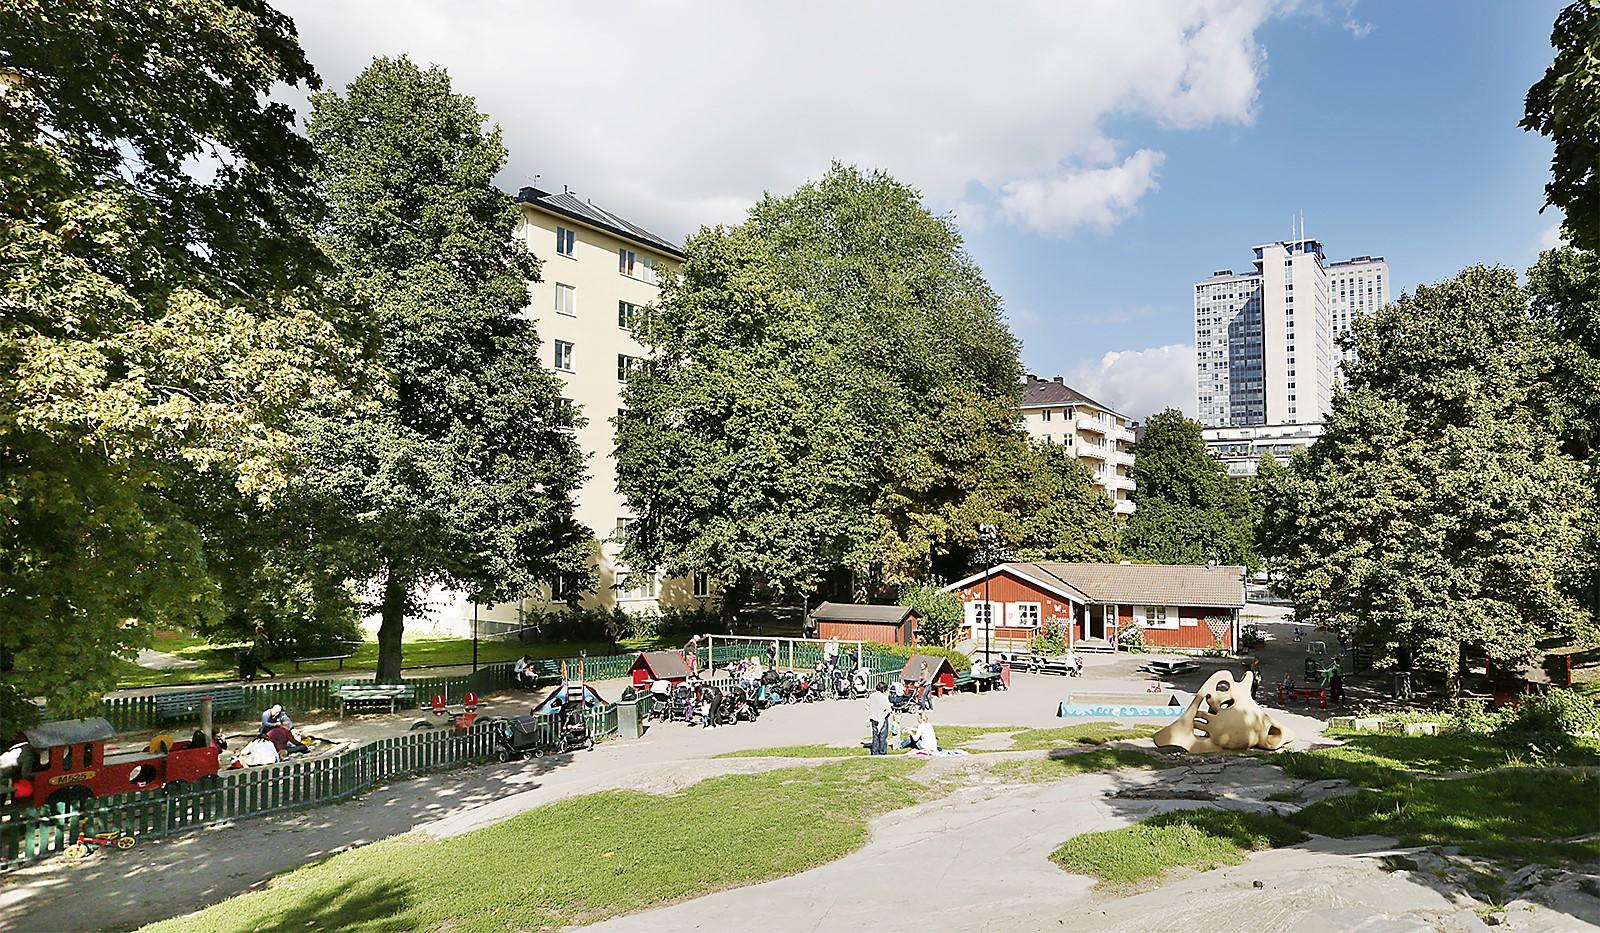 Åsögatan 103, 8/8 tr - Rosenlundsparken även kallad Skånegläntan